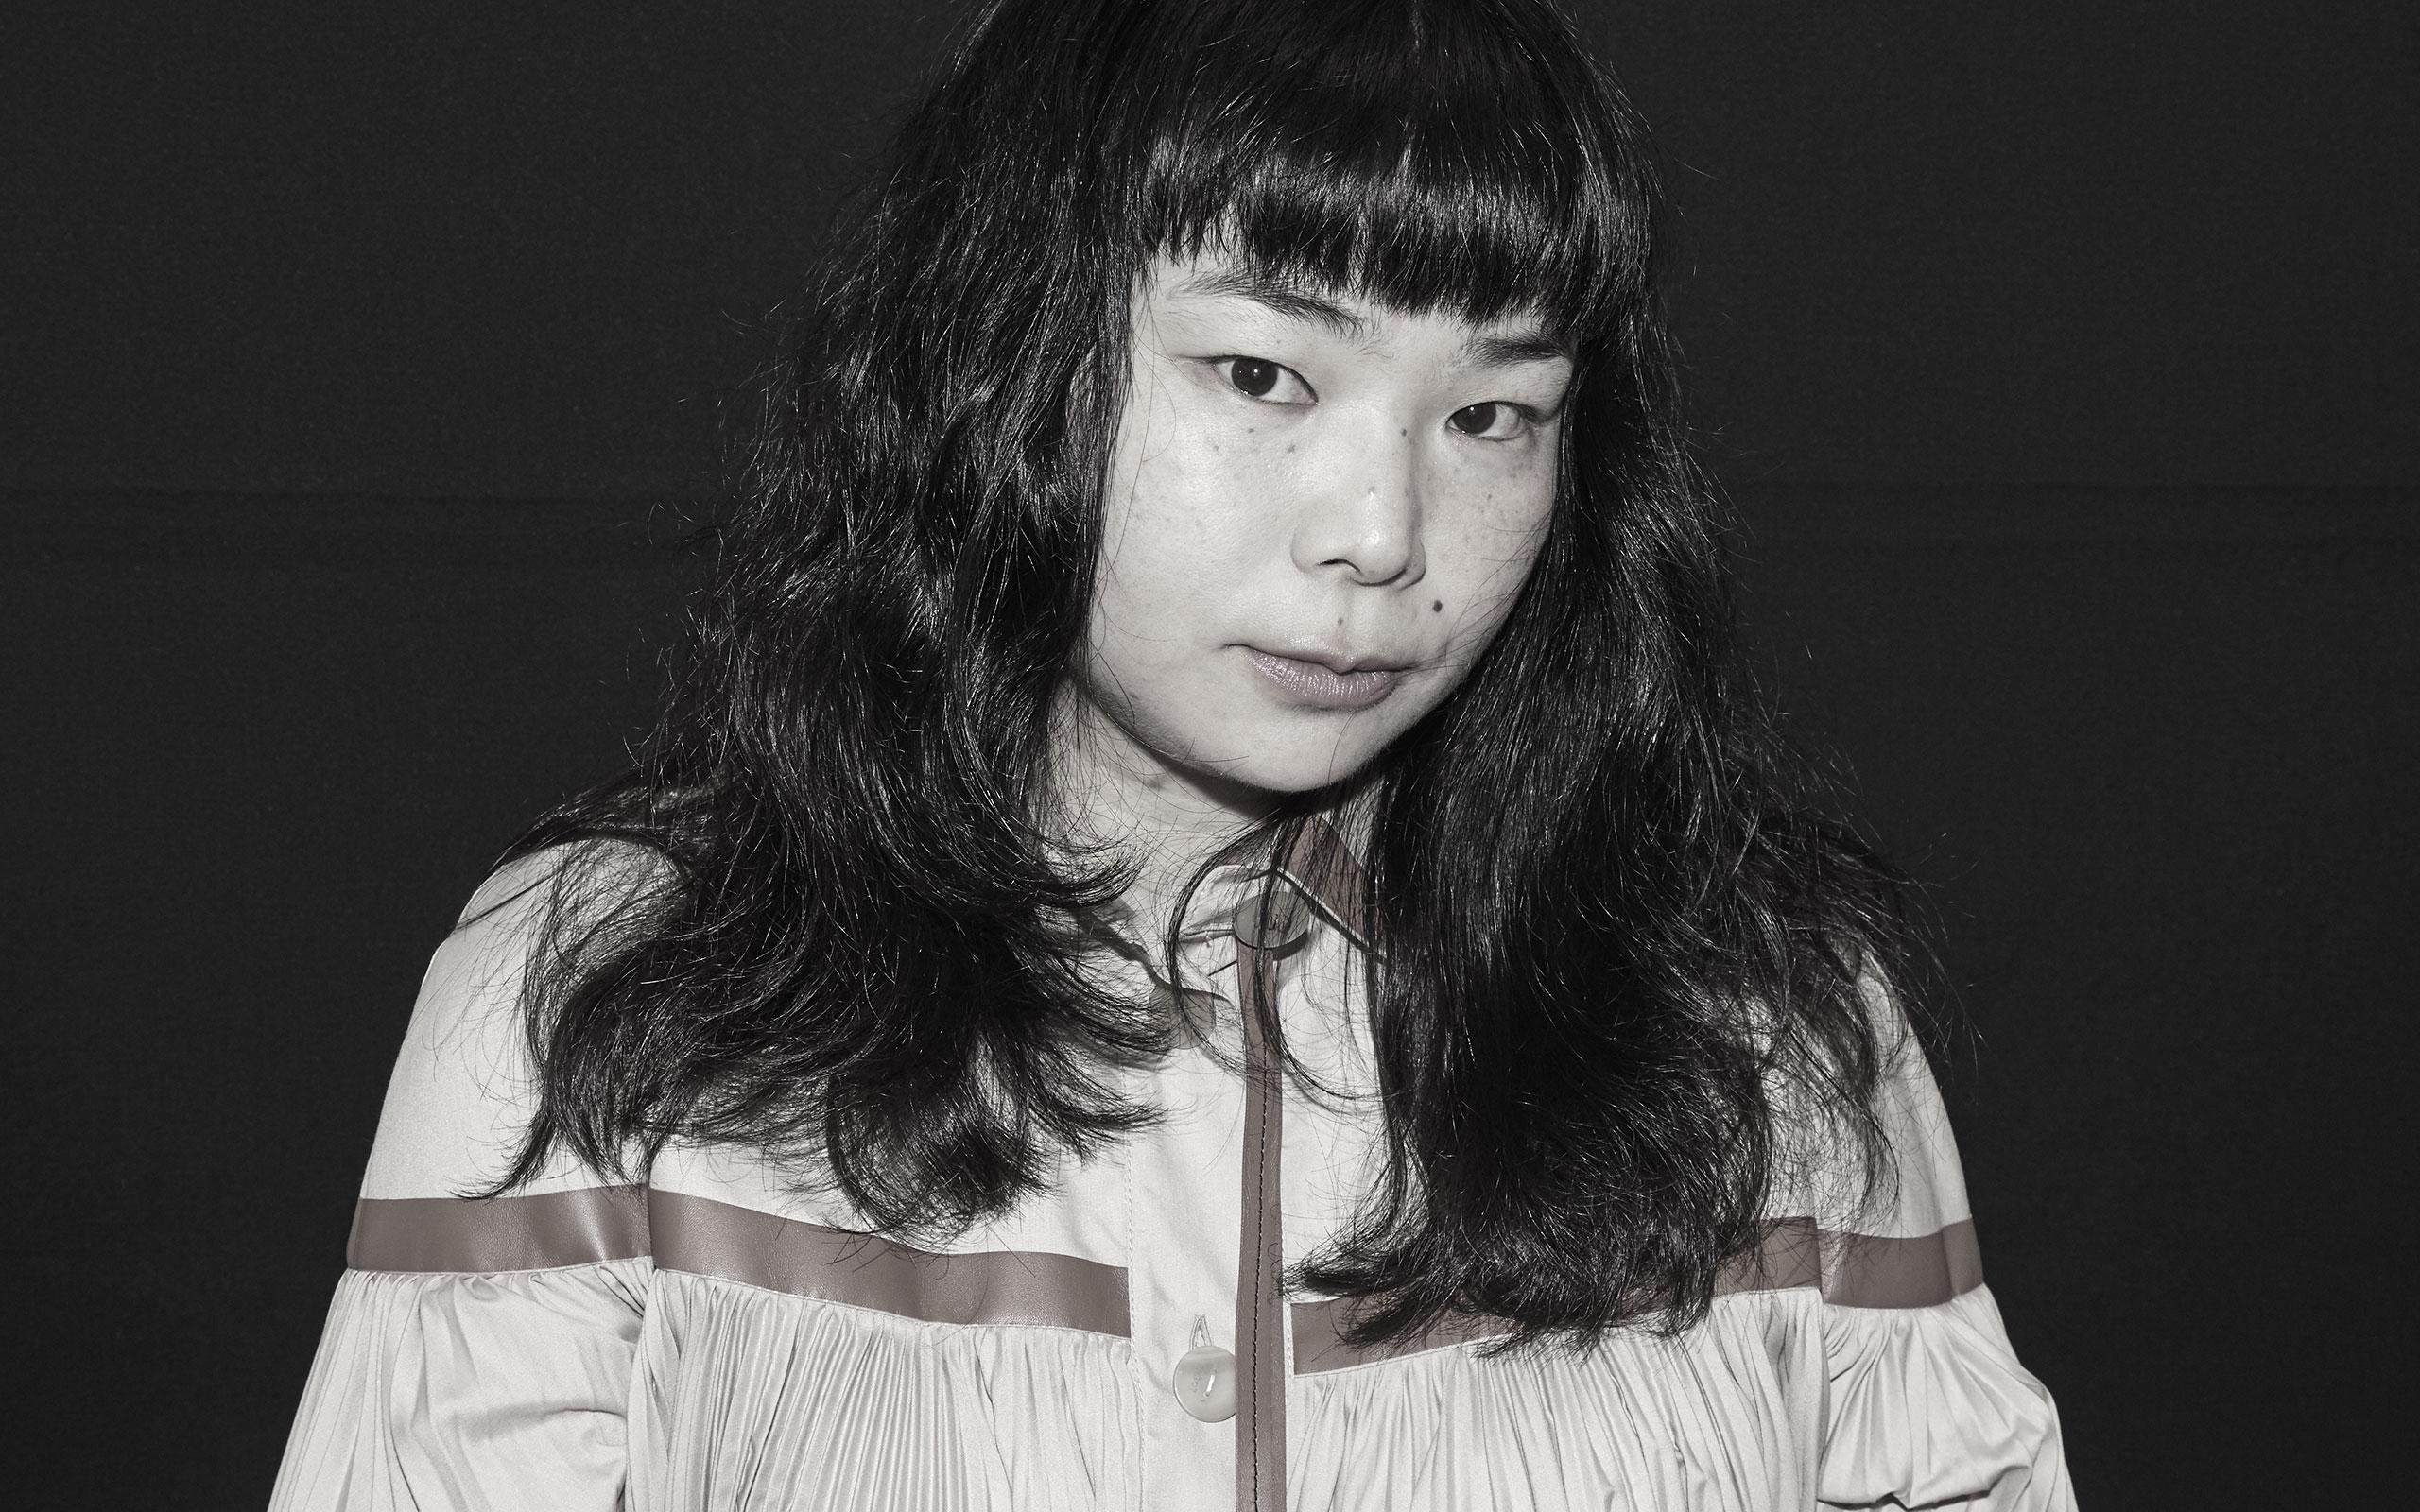 孤高のアーティスト、fumiko imano (イマノ フミコ) インタビュー